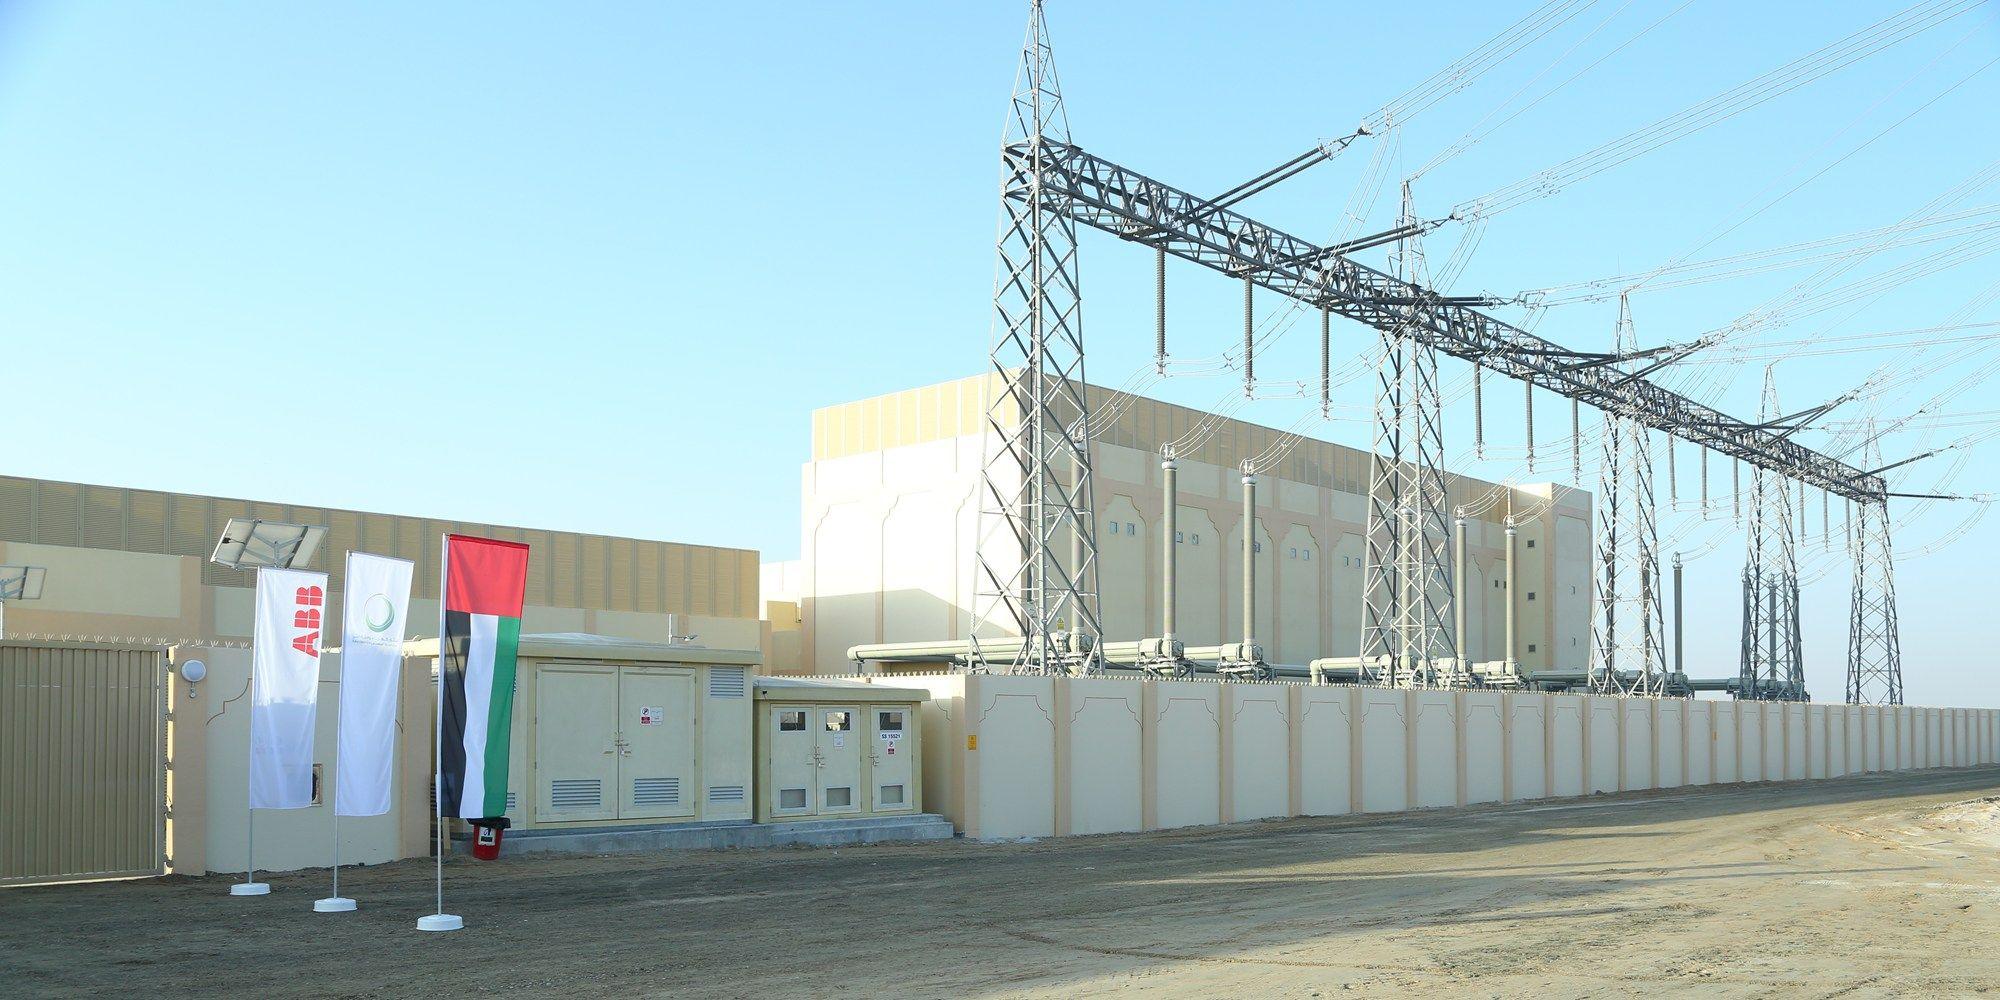 ABB fornisce una sottostazione per consentire il flusso di energia dal parco solare di Dubai